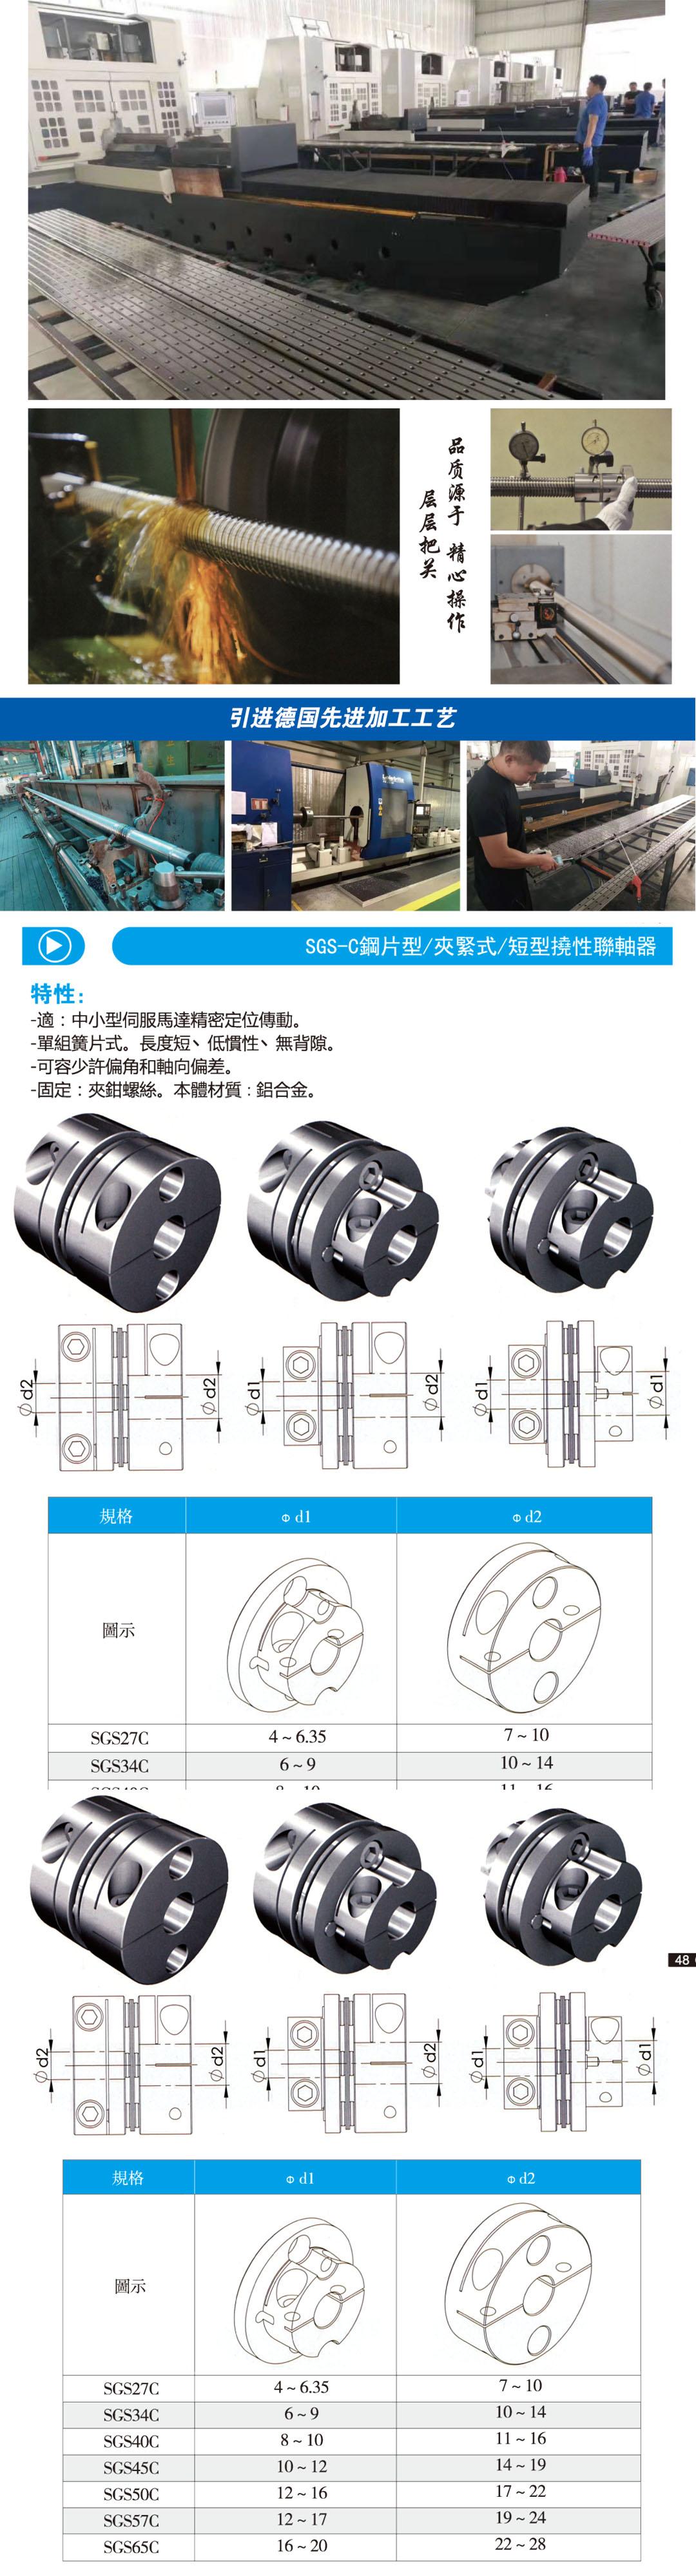 單膜片聯軸器